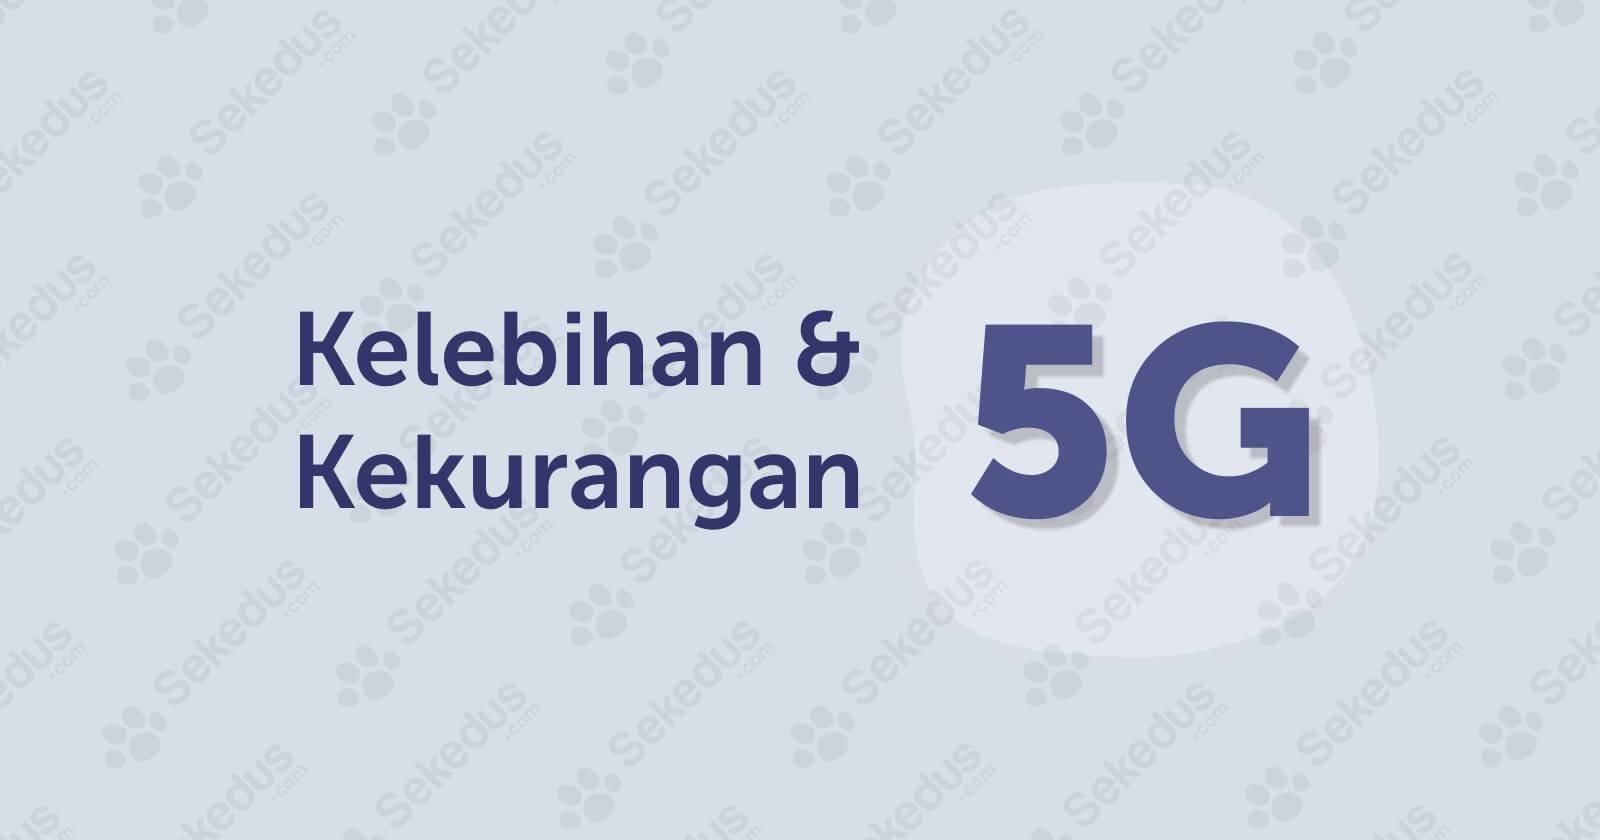 Kelebihan Dan Kekurangan Teknologi 5G